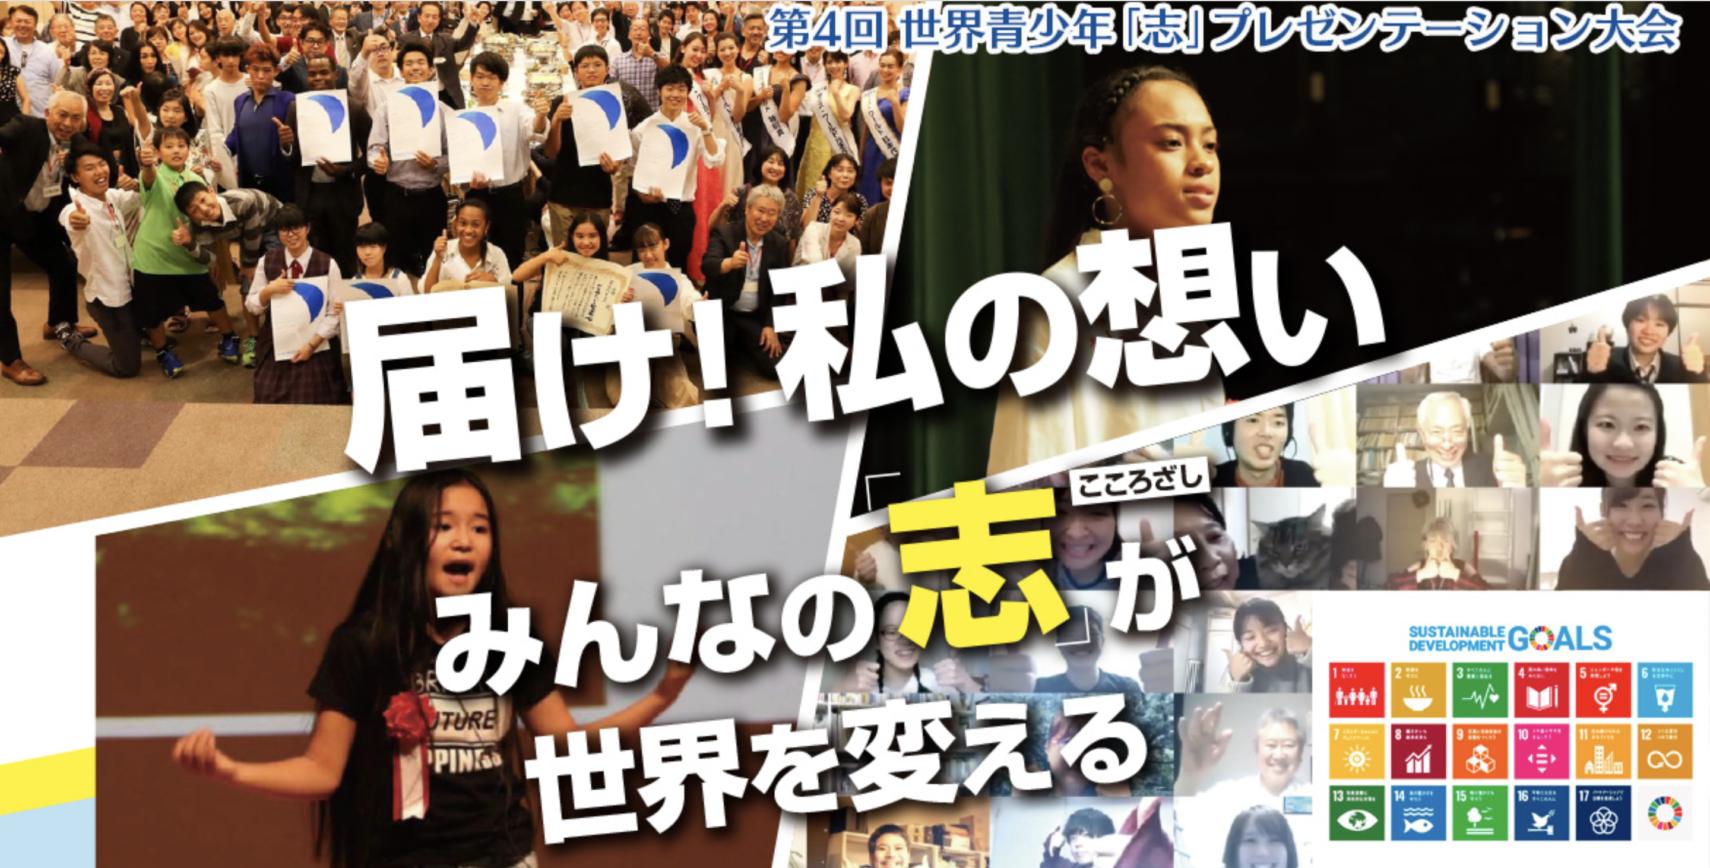 「志」プレゼンテーション大会実行委員会 トップ画